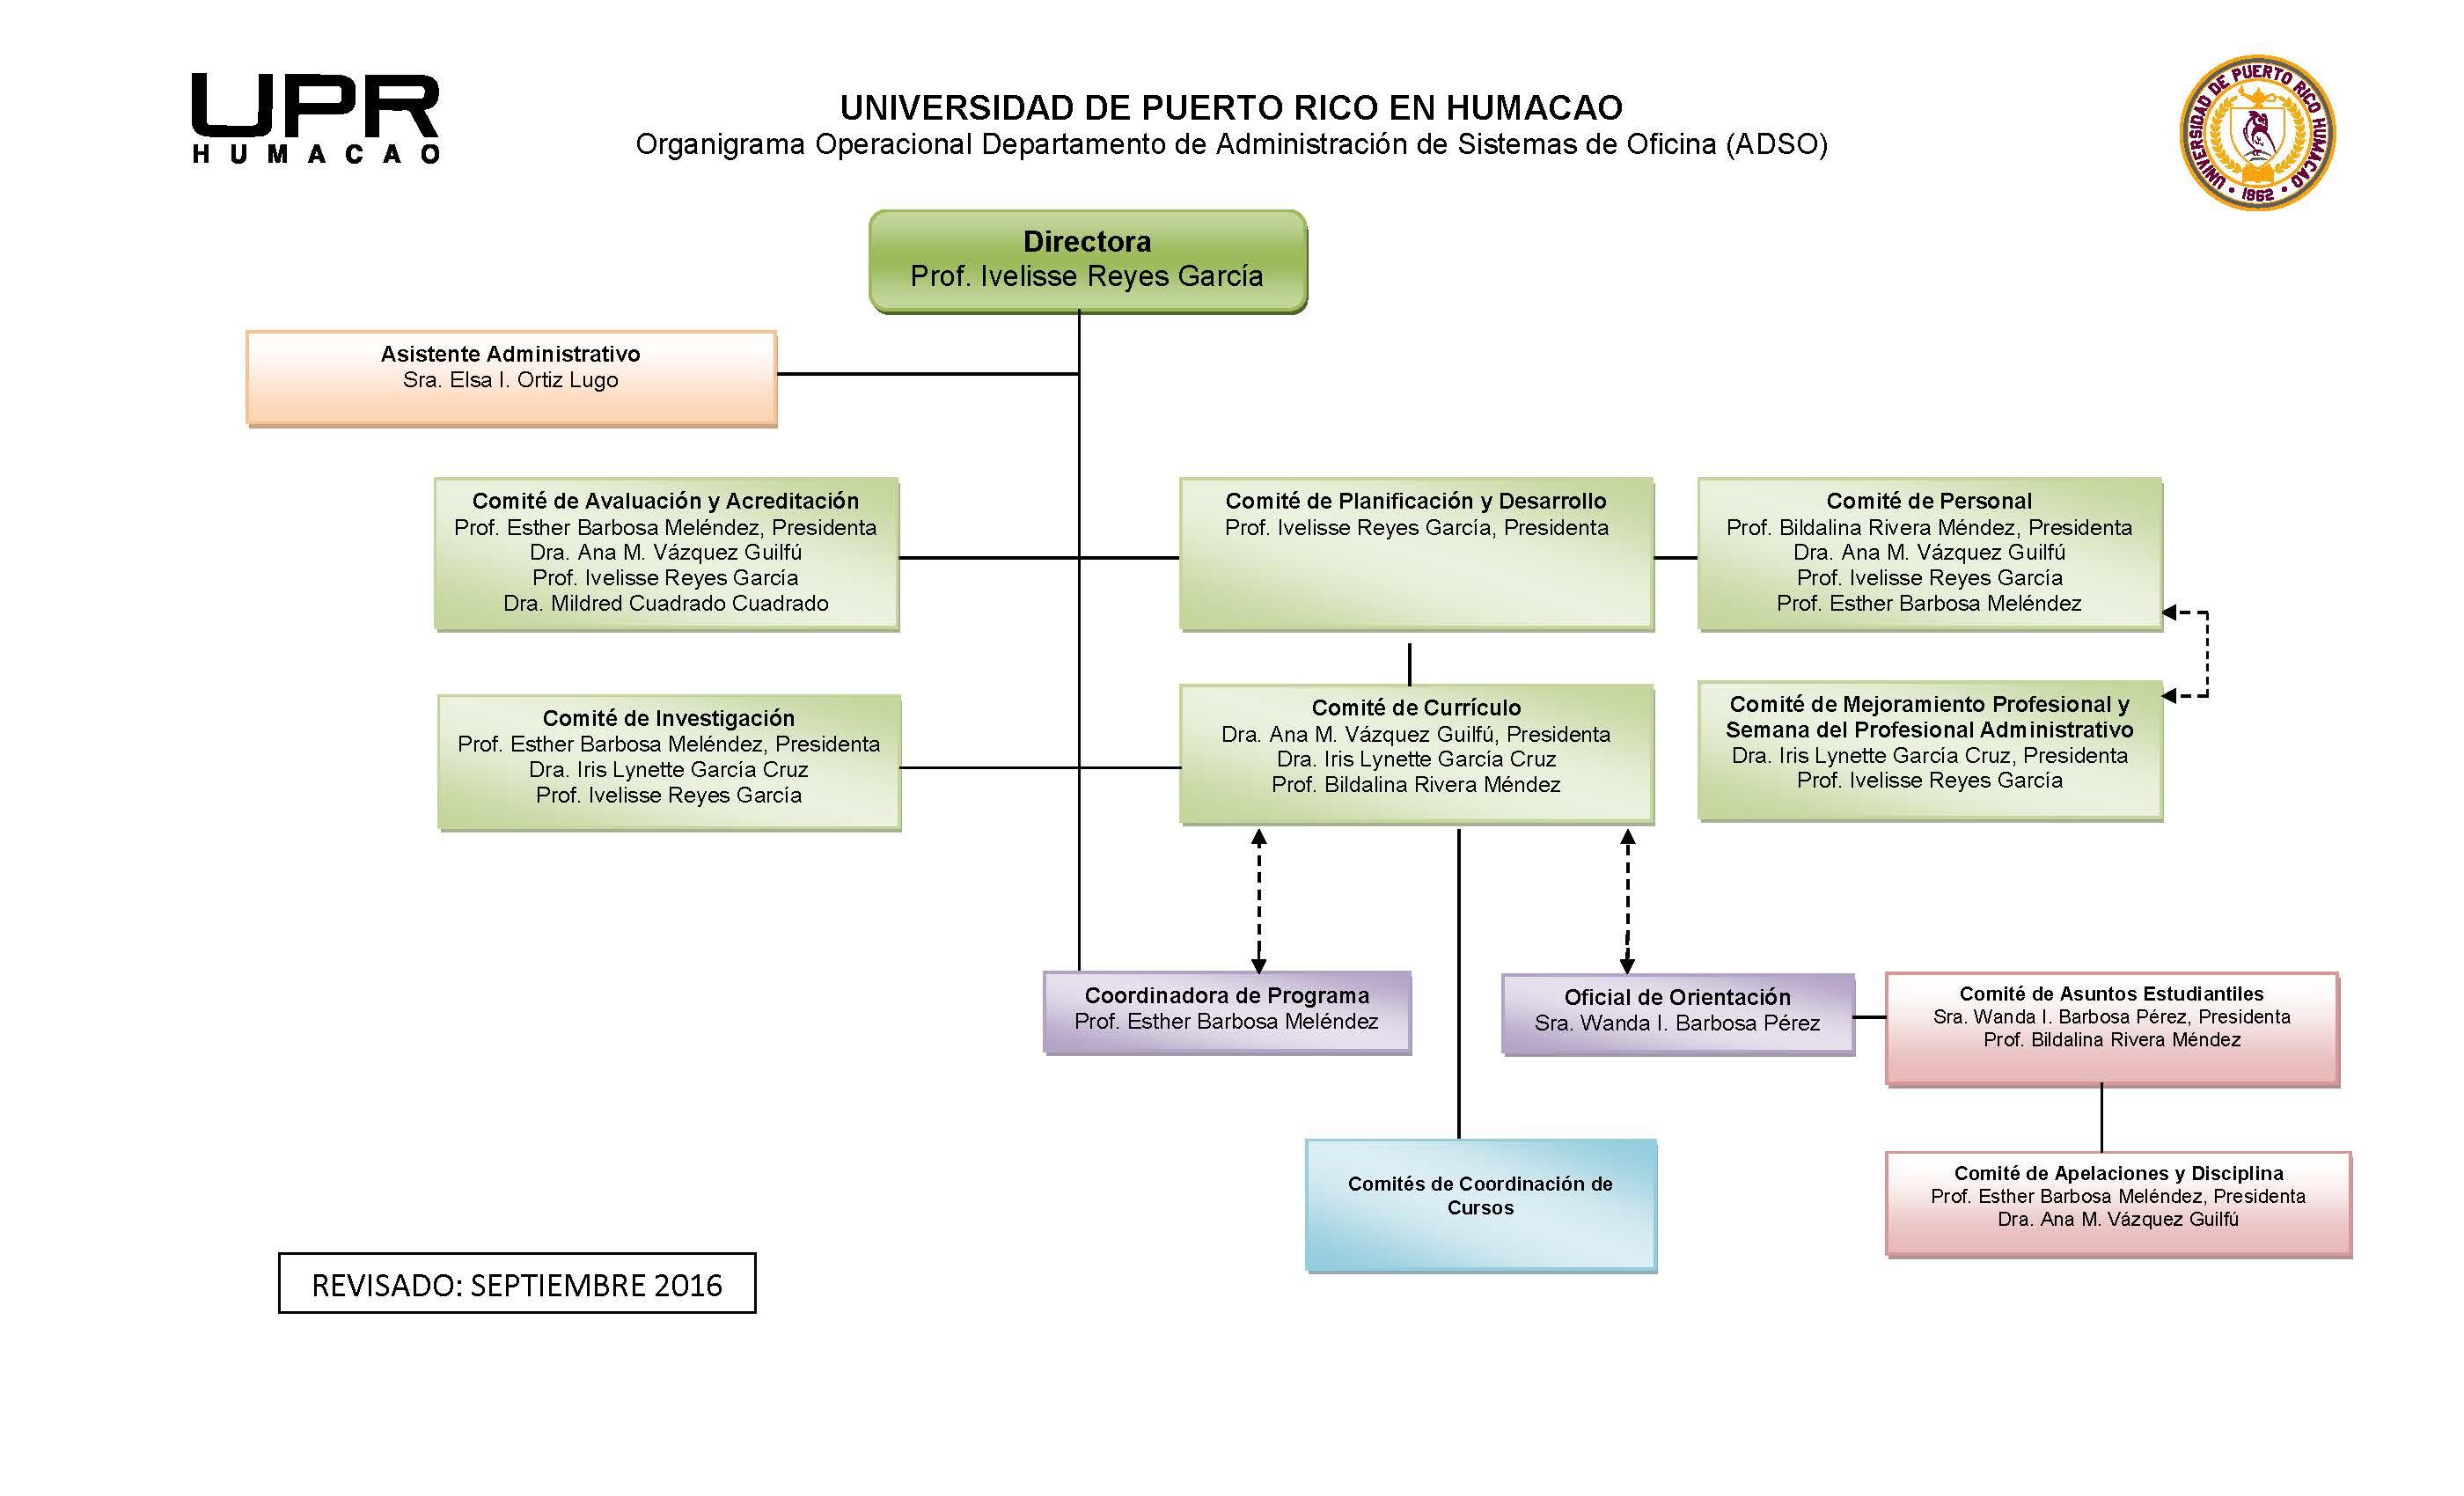 Organigrama Departamento Administración Sistemas de Oficina